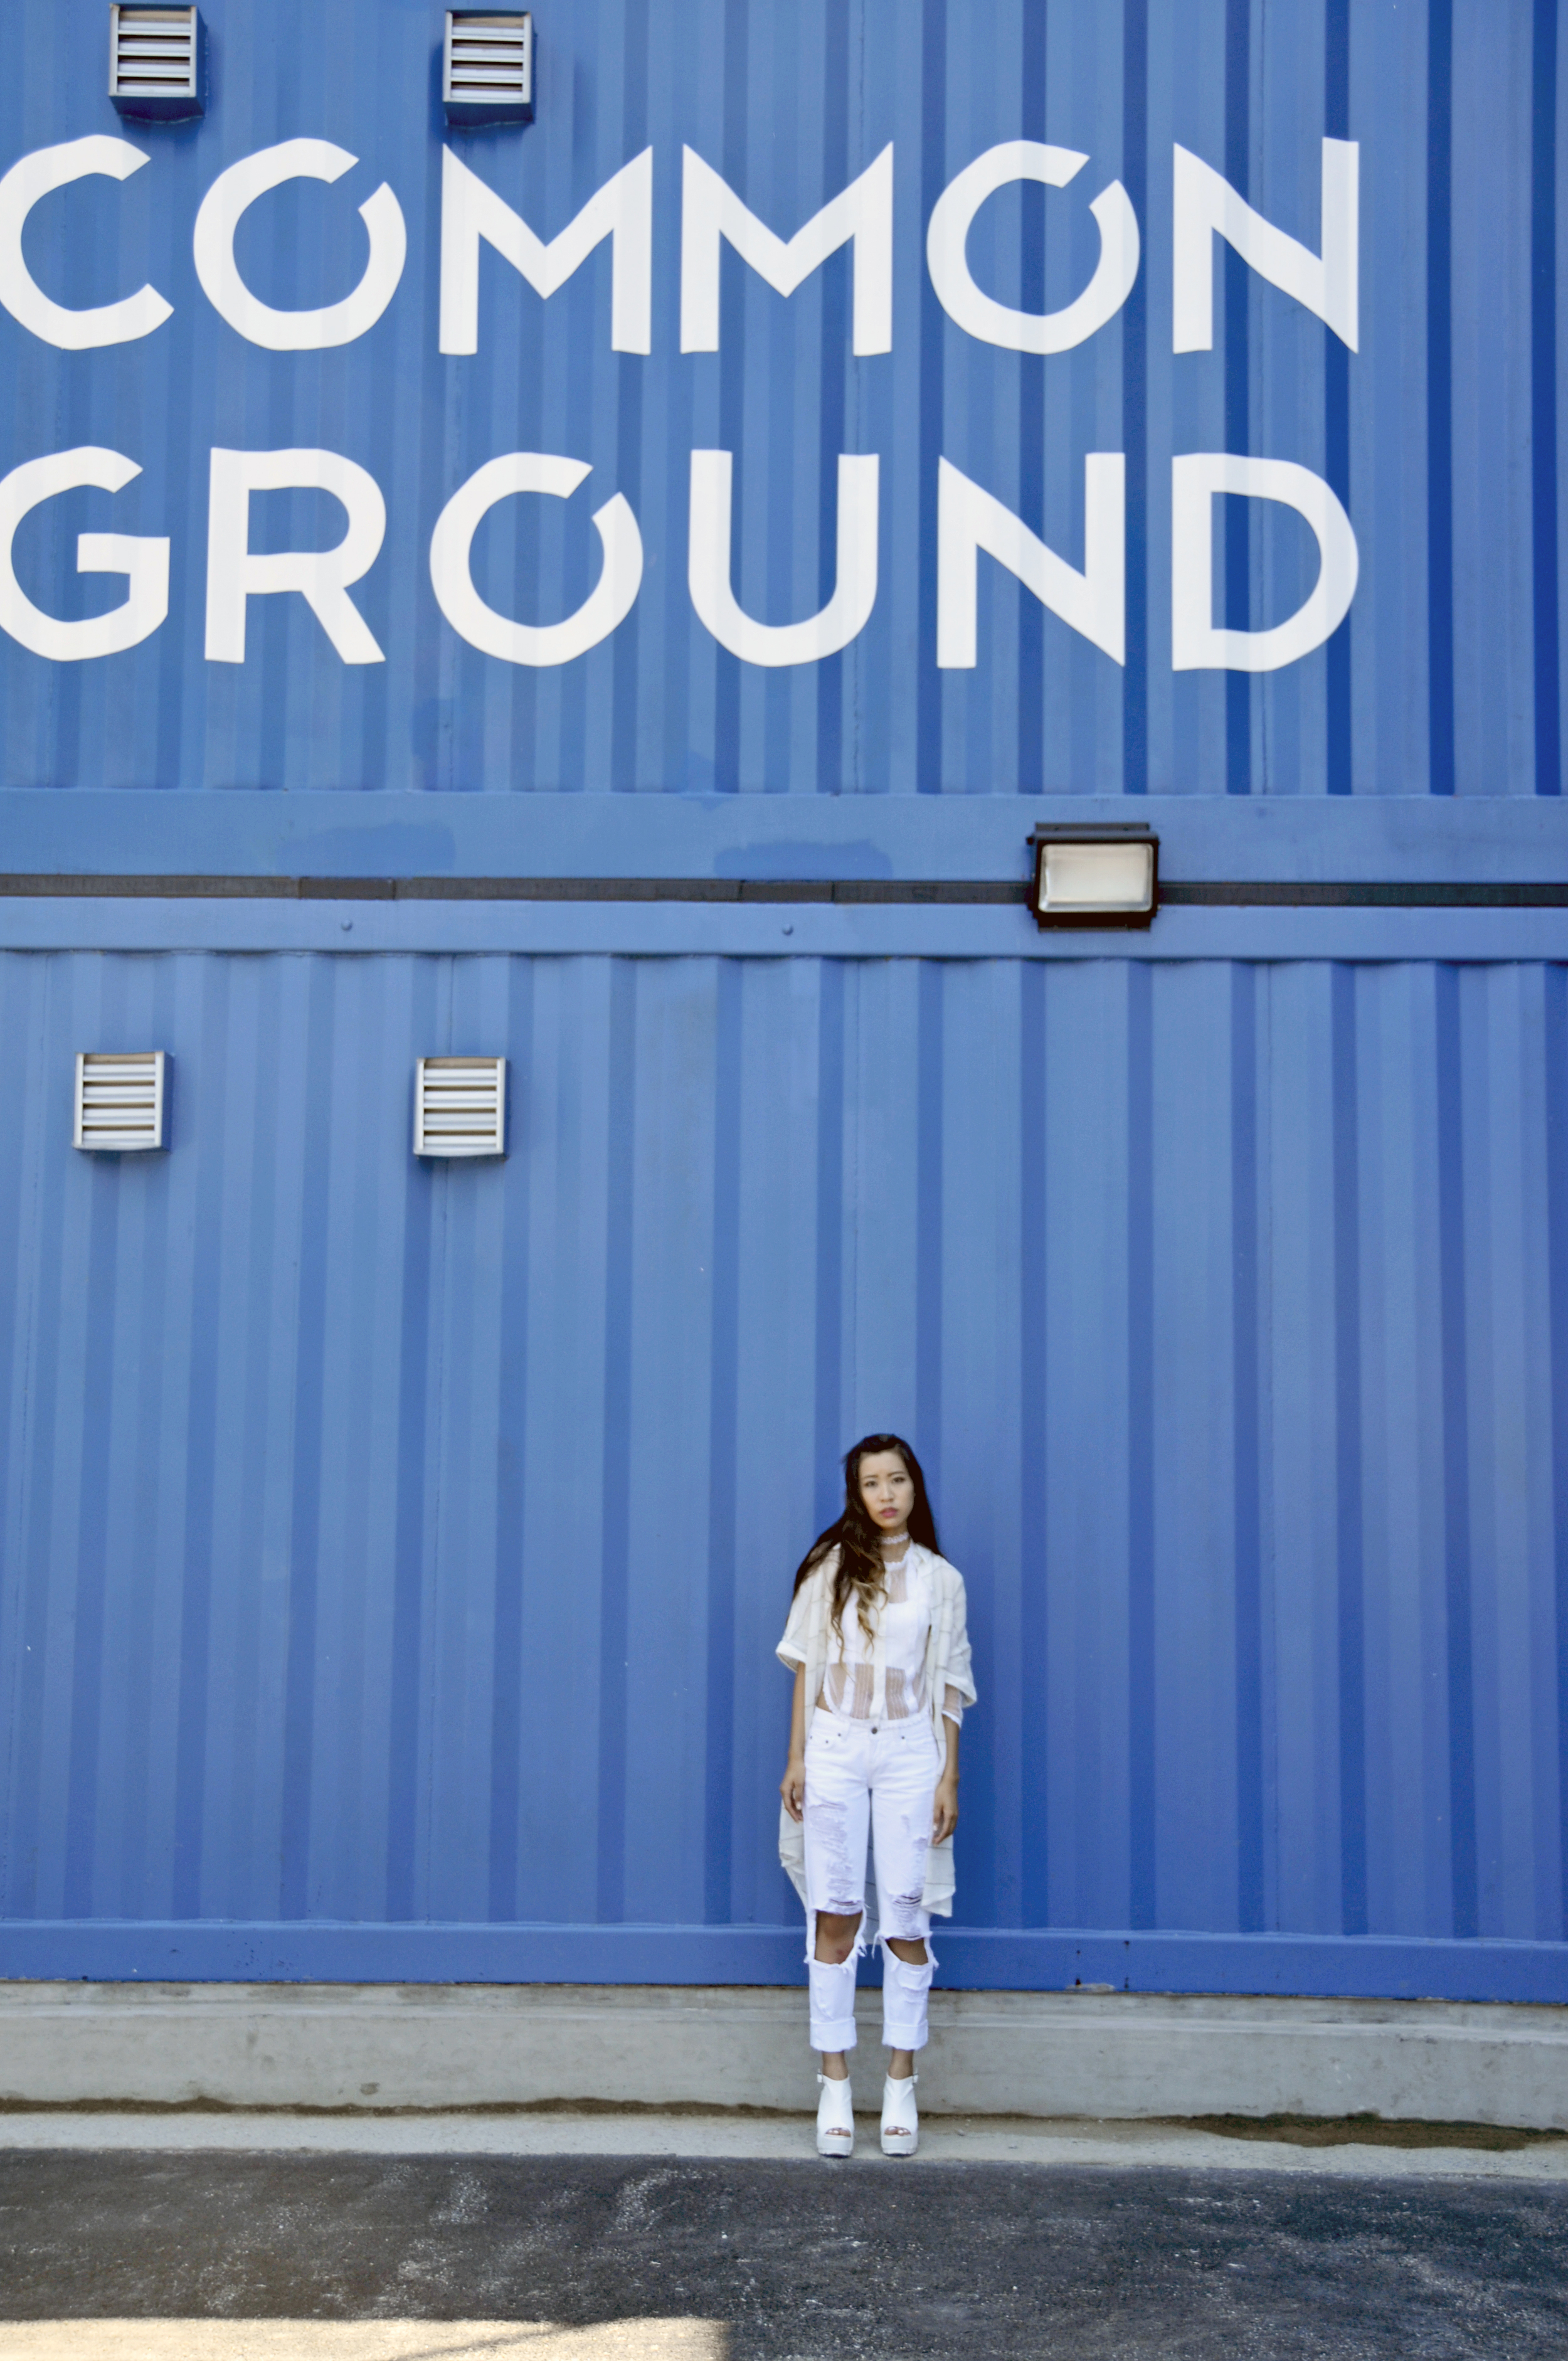 CommonGround_3